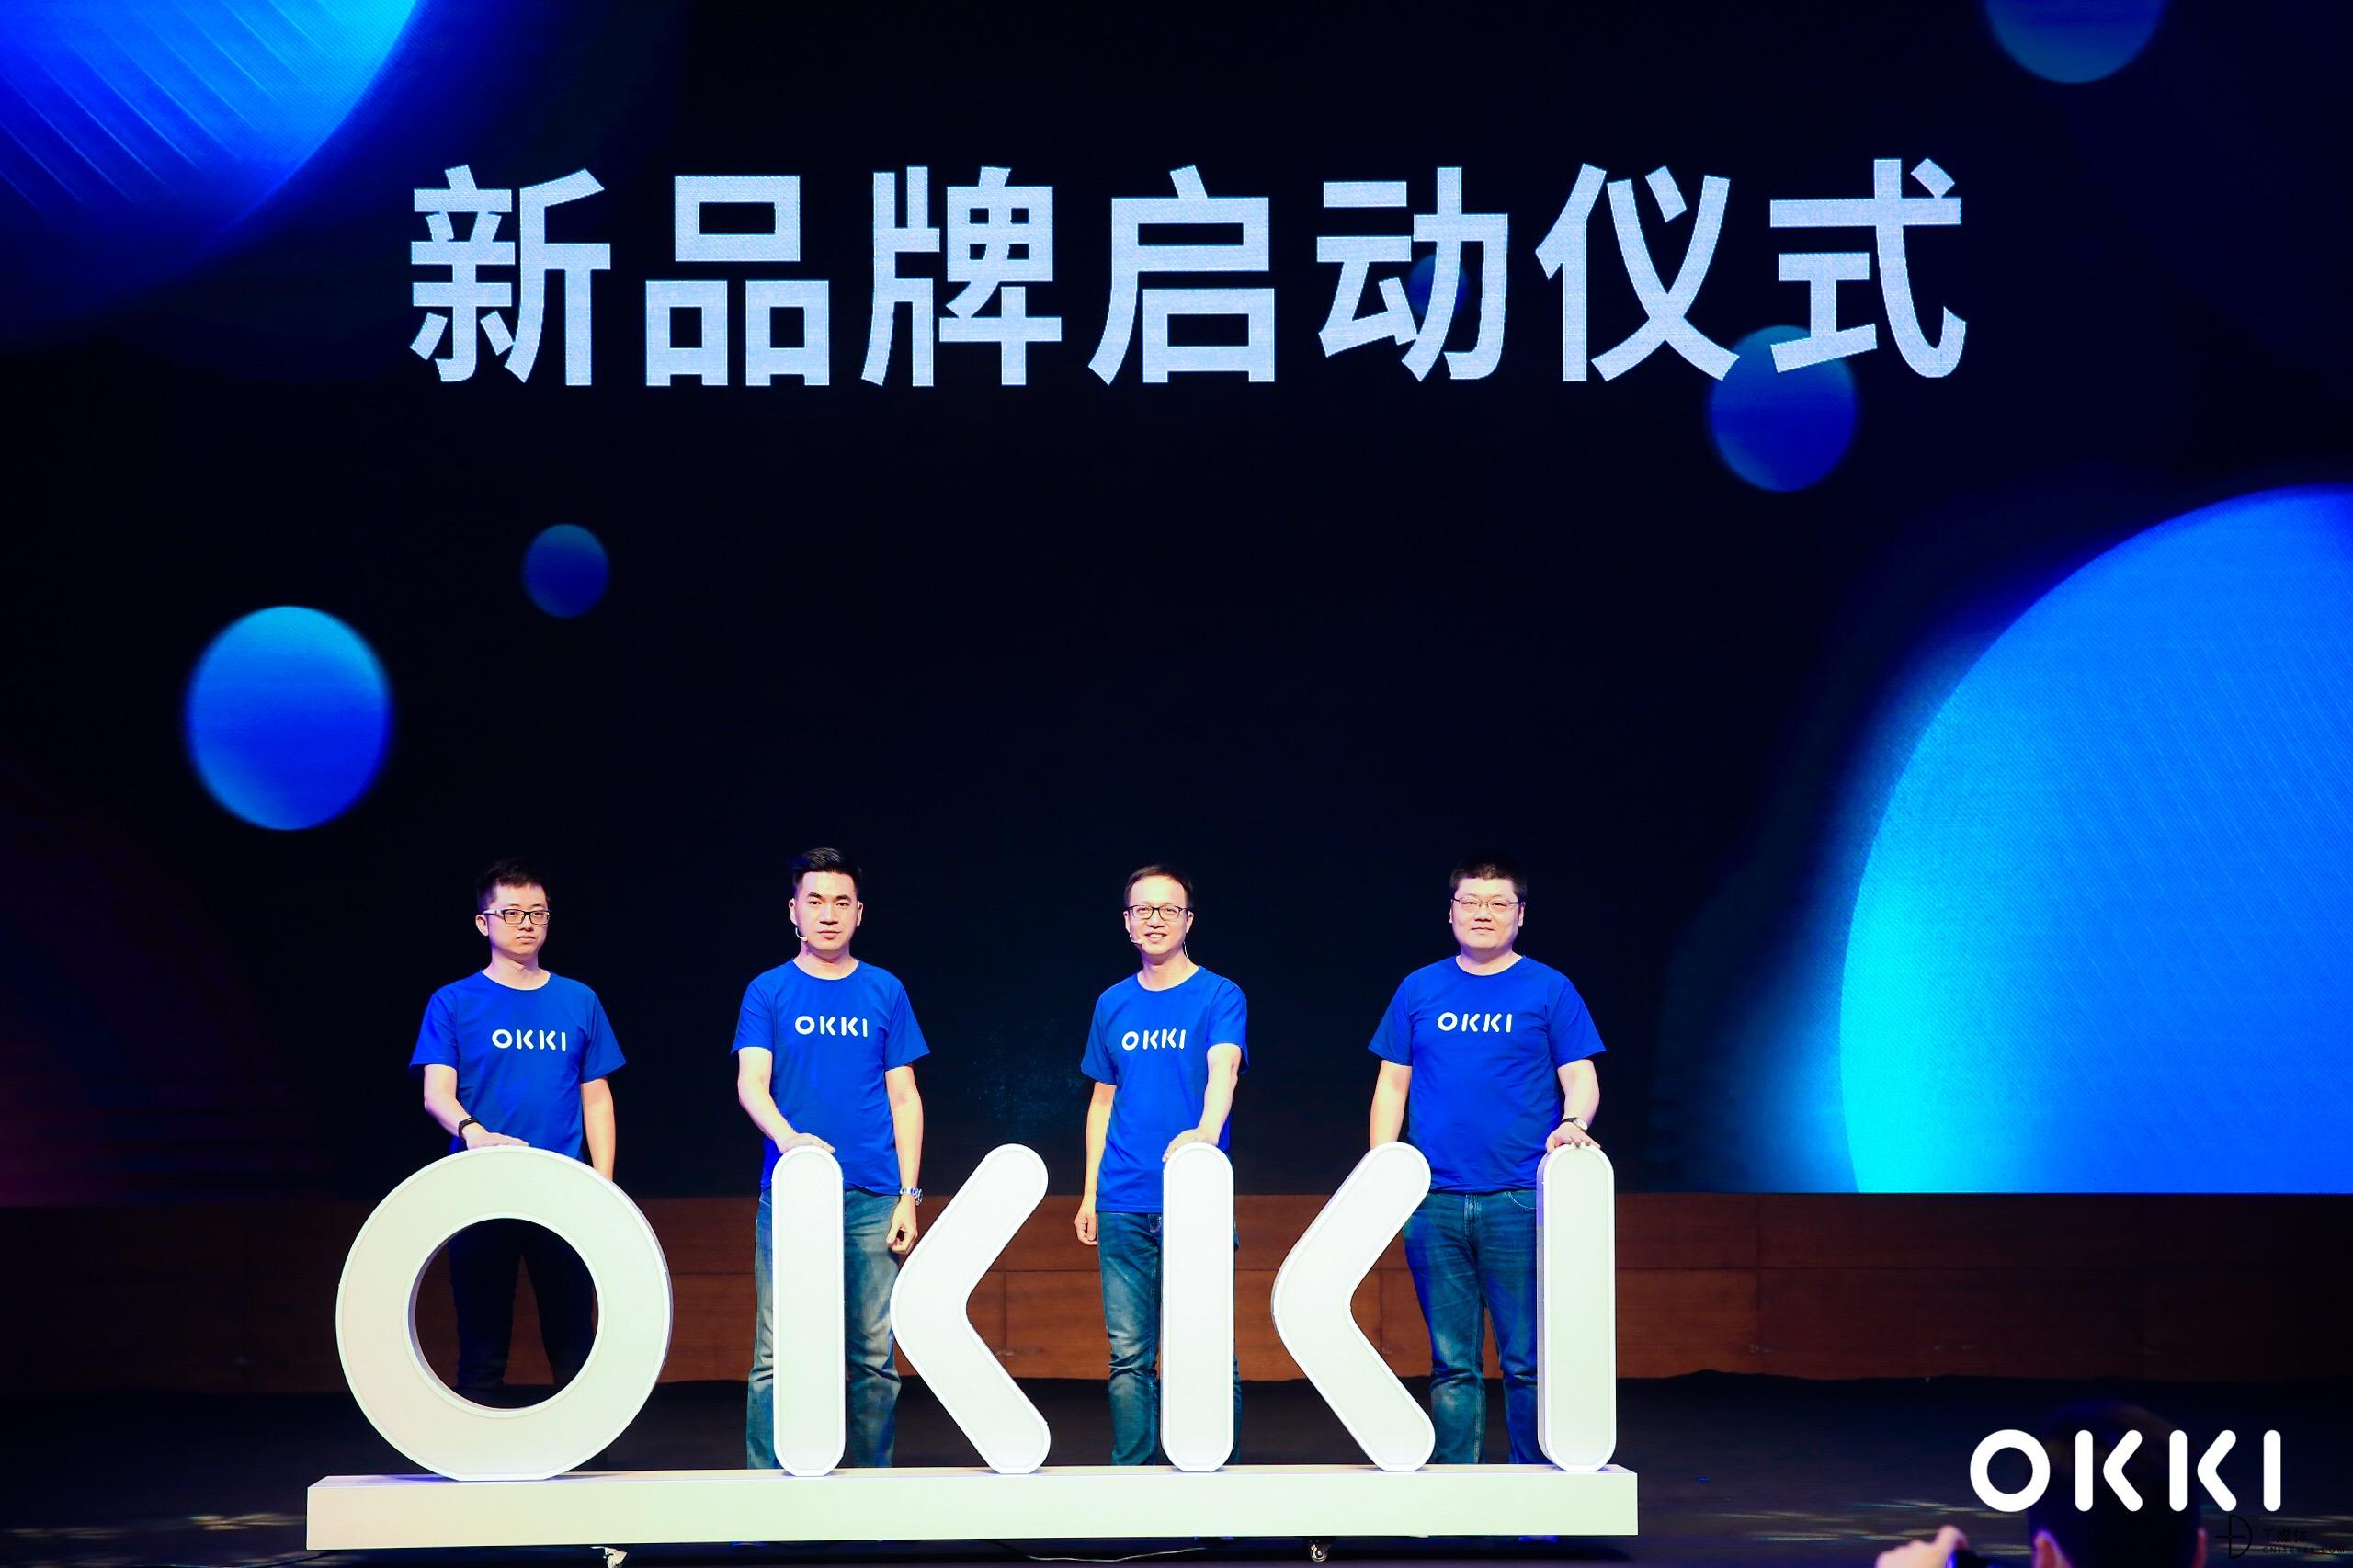 图2-OKKI新品牌启动仪式.jpeg